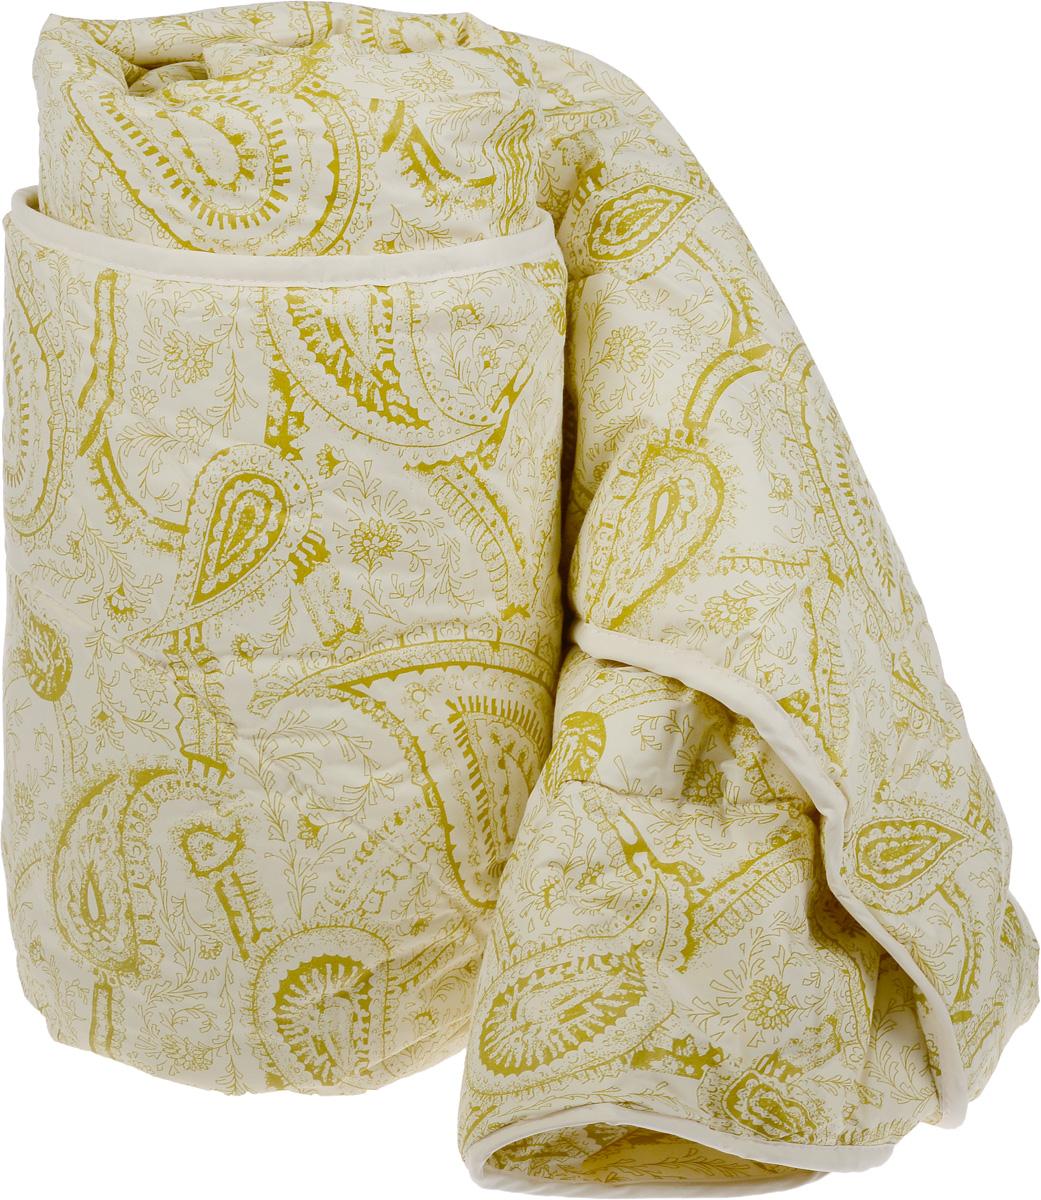 Одеяло Classic by T Пух в тике, наполнитель: лебяжий пух, 140 х 200 см. 20.04.12.007520.04.12.0075Одеяло Classic by Togas Пух в тике подарит комфортный и спокойный сон. Чехол одеяла выполнен из тика (100% хлопок), а наполнитель - синтетическое микроволокно лебяжий пух. Одеяло имеет классический крой, скругленные углы, кант и стежку, которая равномерно распределяет наполнитель внутри. Благодаря непревзойденным пуходержащим свойствам тика вы ощутите идеальный комфорт. Эта пухосдерживающая ткань прочнейшего саржевого или полотняного переплетения имеет специальную пропитку, которая не дает даже мельчайшим волокнам наполнителя проникать сквозь ткань. Тик превосходно пропускает воздух, впитывает влагу, оставаясь при этом сухим на ощупь. Тиковая ткань мягкая, нежная и не раздражает кожу, но при этом очень практичная и прочная. Микроволокно, которым наполнено одеяло, очень схоже с натуральным лебяжьим пухом - оно такое же мягкое, нежное и упругое. При этом микроволокно очень прочно и долговечно, гипоаллергенно и мгновенно восстанавливает форму после сжатия, благородя обработке силиконом, который уменьшает трение между волокнами наполнителя. Мягкий, воздушный и упругий искусственный пух в сочетании с гладкостью натурального тика создает идеальные условия для комфортного отдыха. Допускается деликатная машинная стирка при температуре не выше 30°С. После стирки слегка отожмите, сушите в сухом и теплом помещении на горизонтальной поверхности, периодически взбивая.